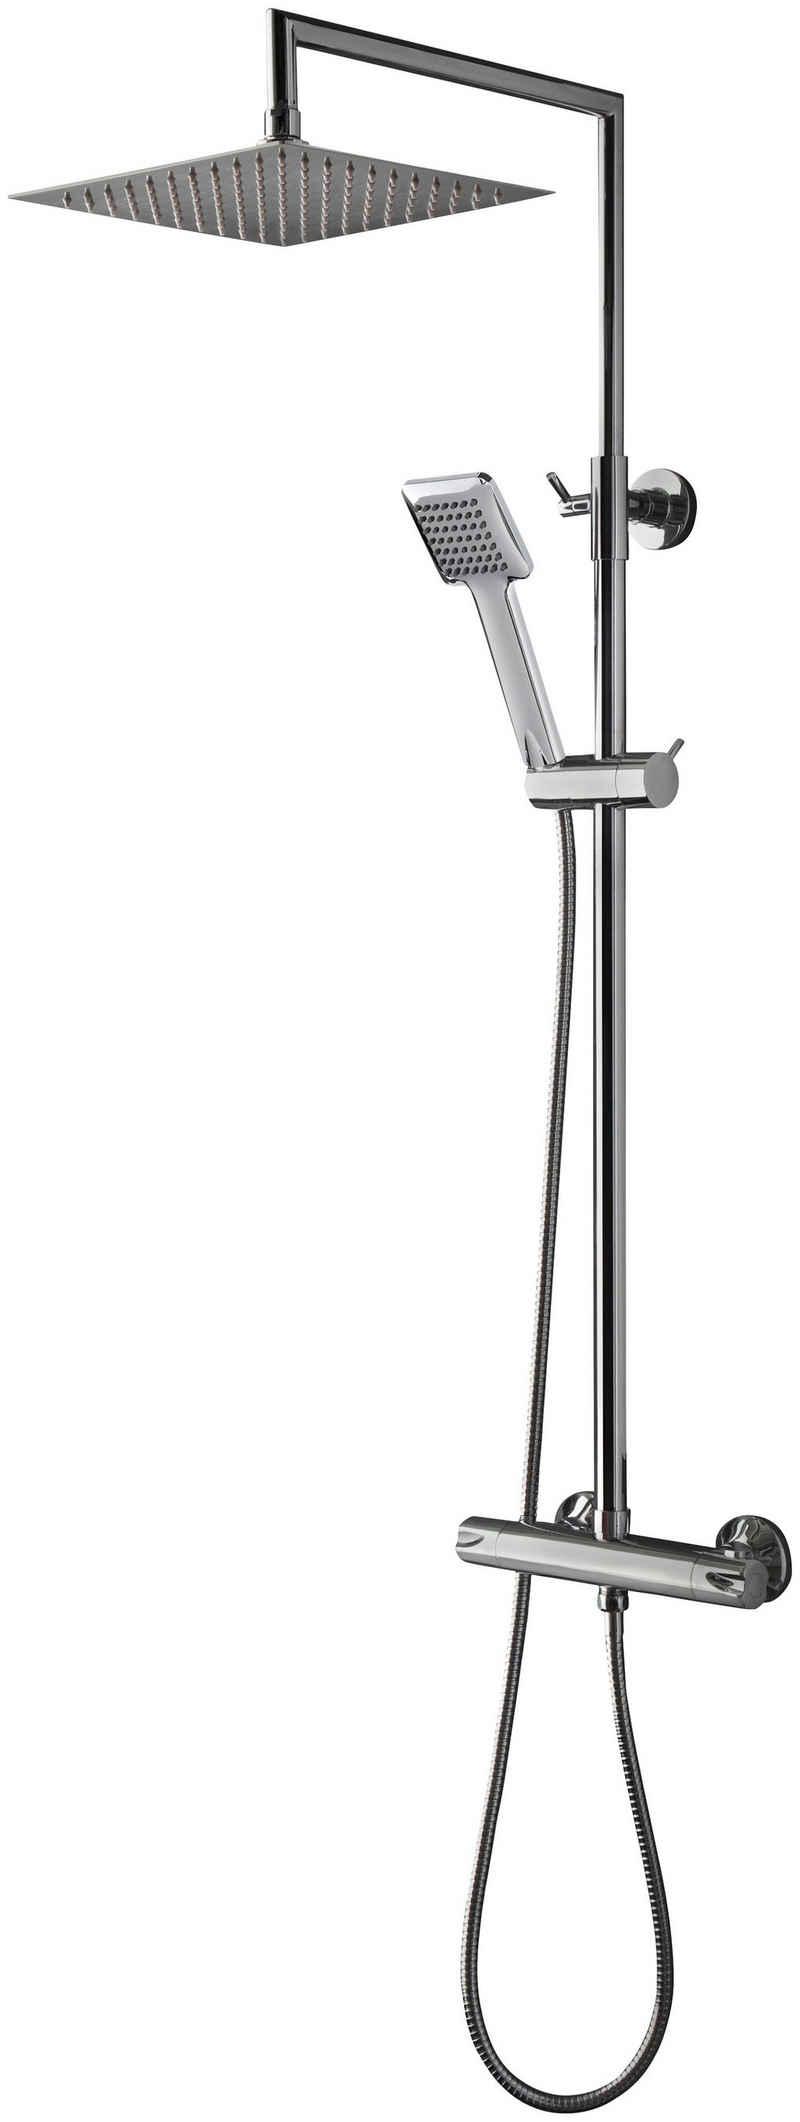 welltime Brausegarnitur »Raindrop«, Höhe 83 cm, 1 Strahlart(en), höhenverstellbare Überkopfbrause